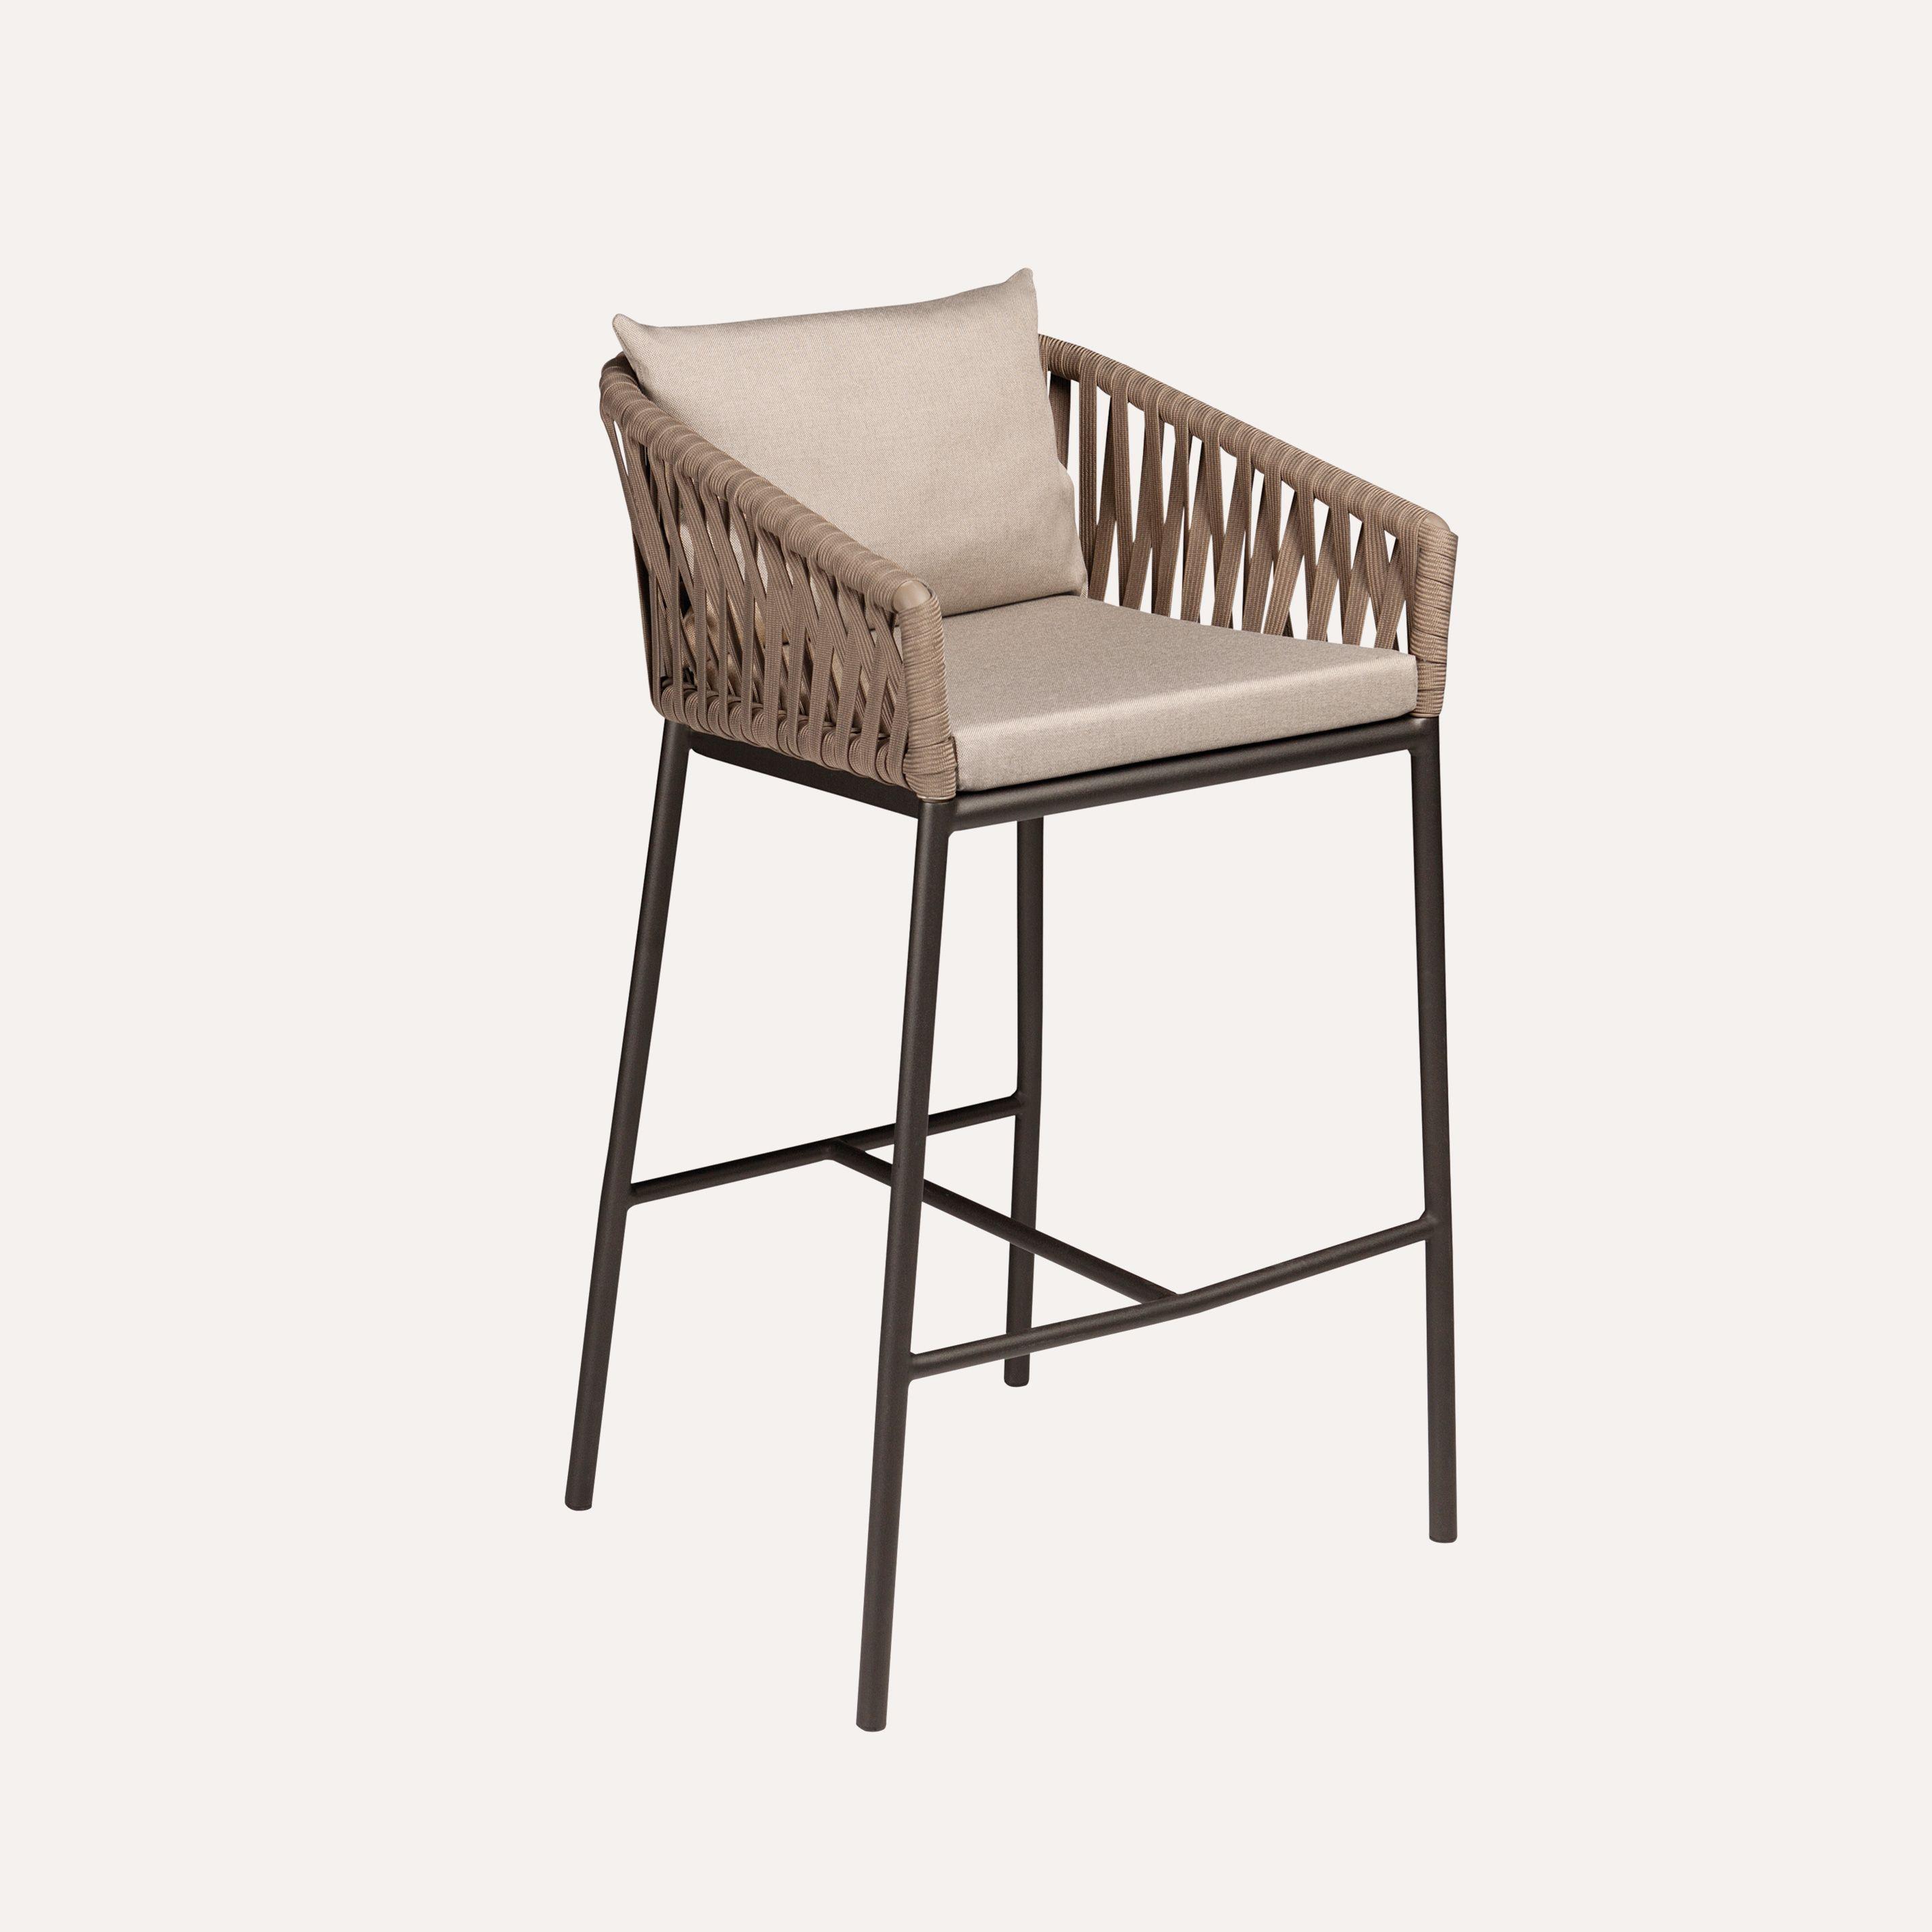 Kettal Bitta Bar Stool Products Pinterest Bar stool